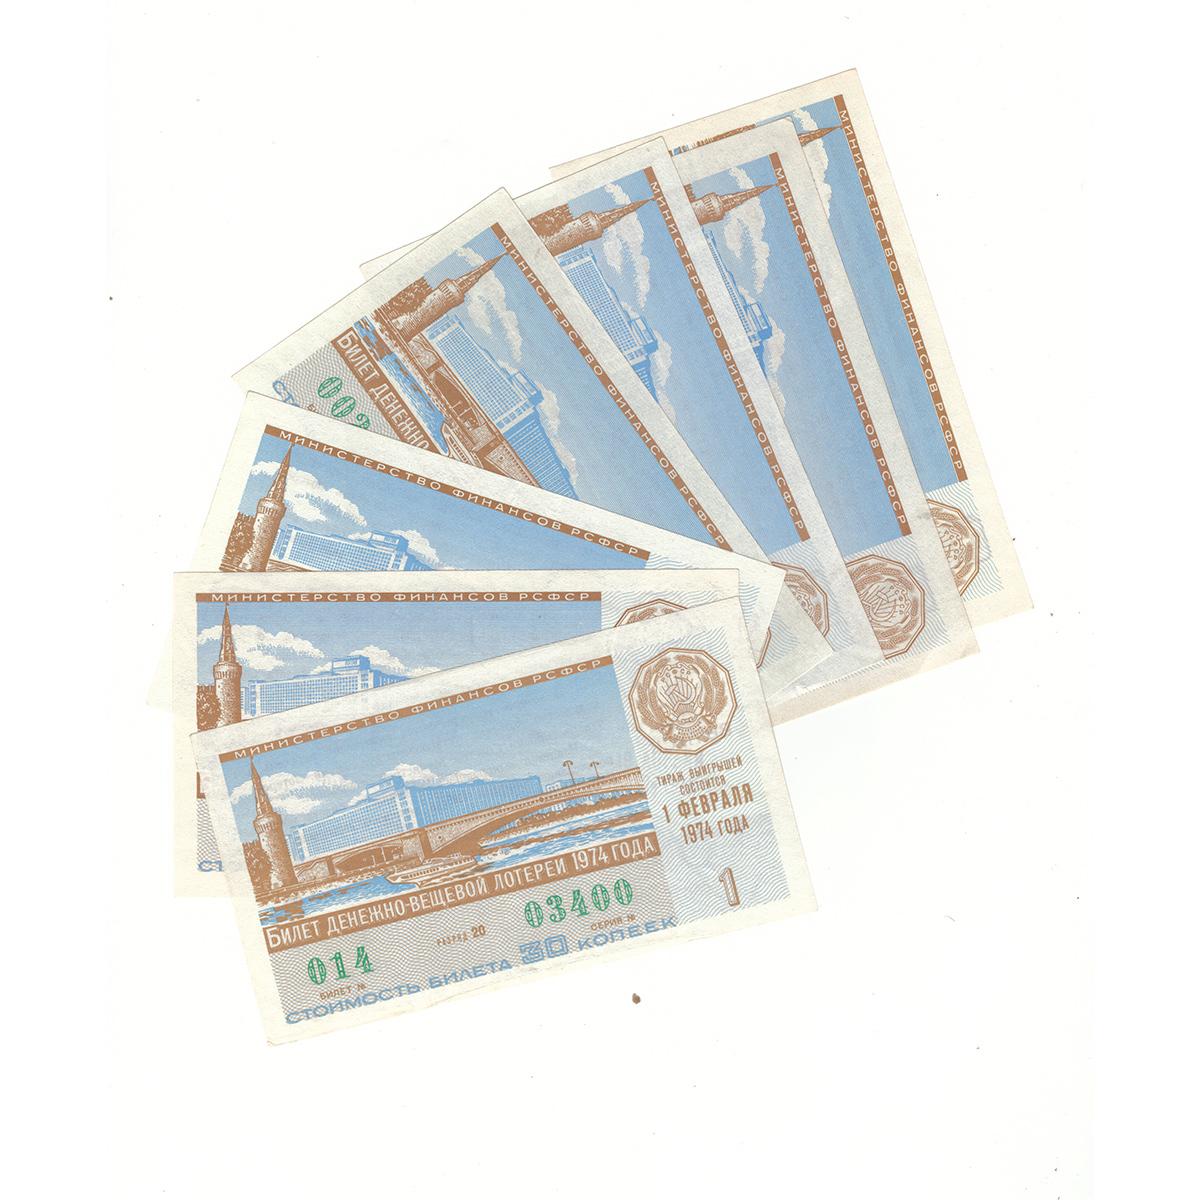 Набор лотерейных билетов Денежно-вещевой лотереи 1974 года (7 шт)